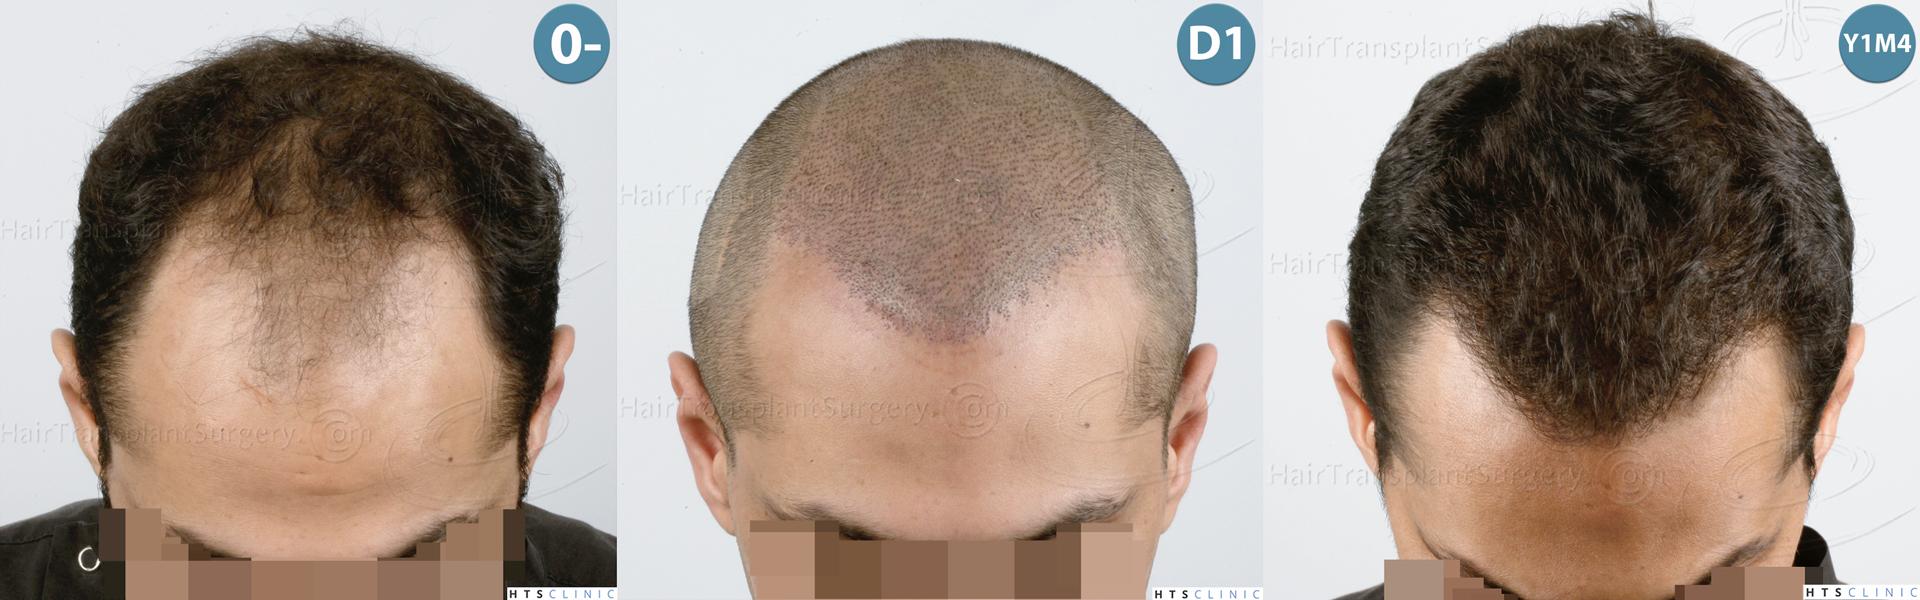 Dr.Devroye-HTS-Clinic-3757-FUT_2138-FUE-Montage2.jpg